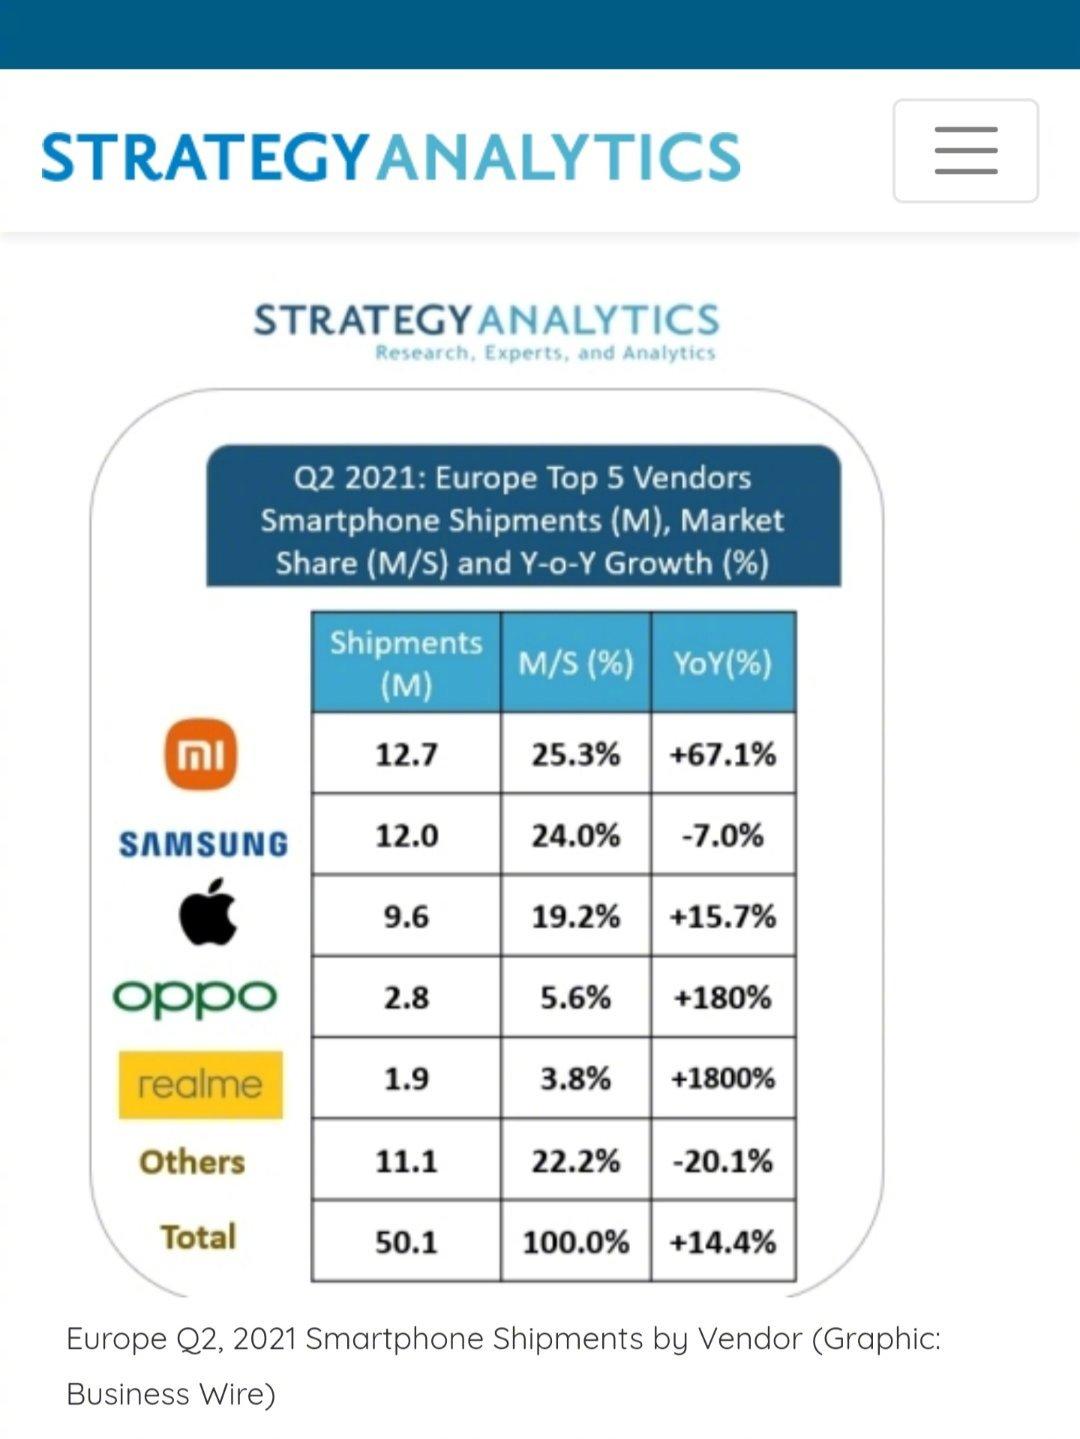 雷军:小米手机在欧洲销量首超苹果三星 夺第一